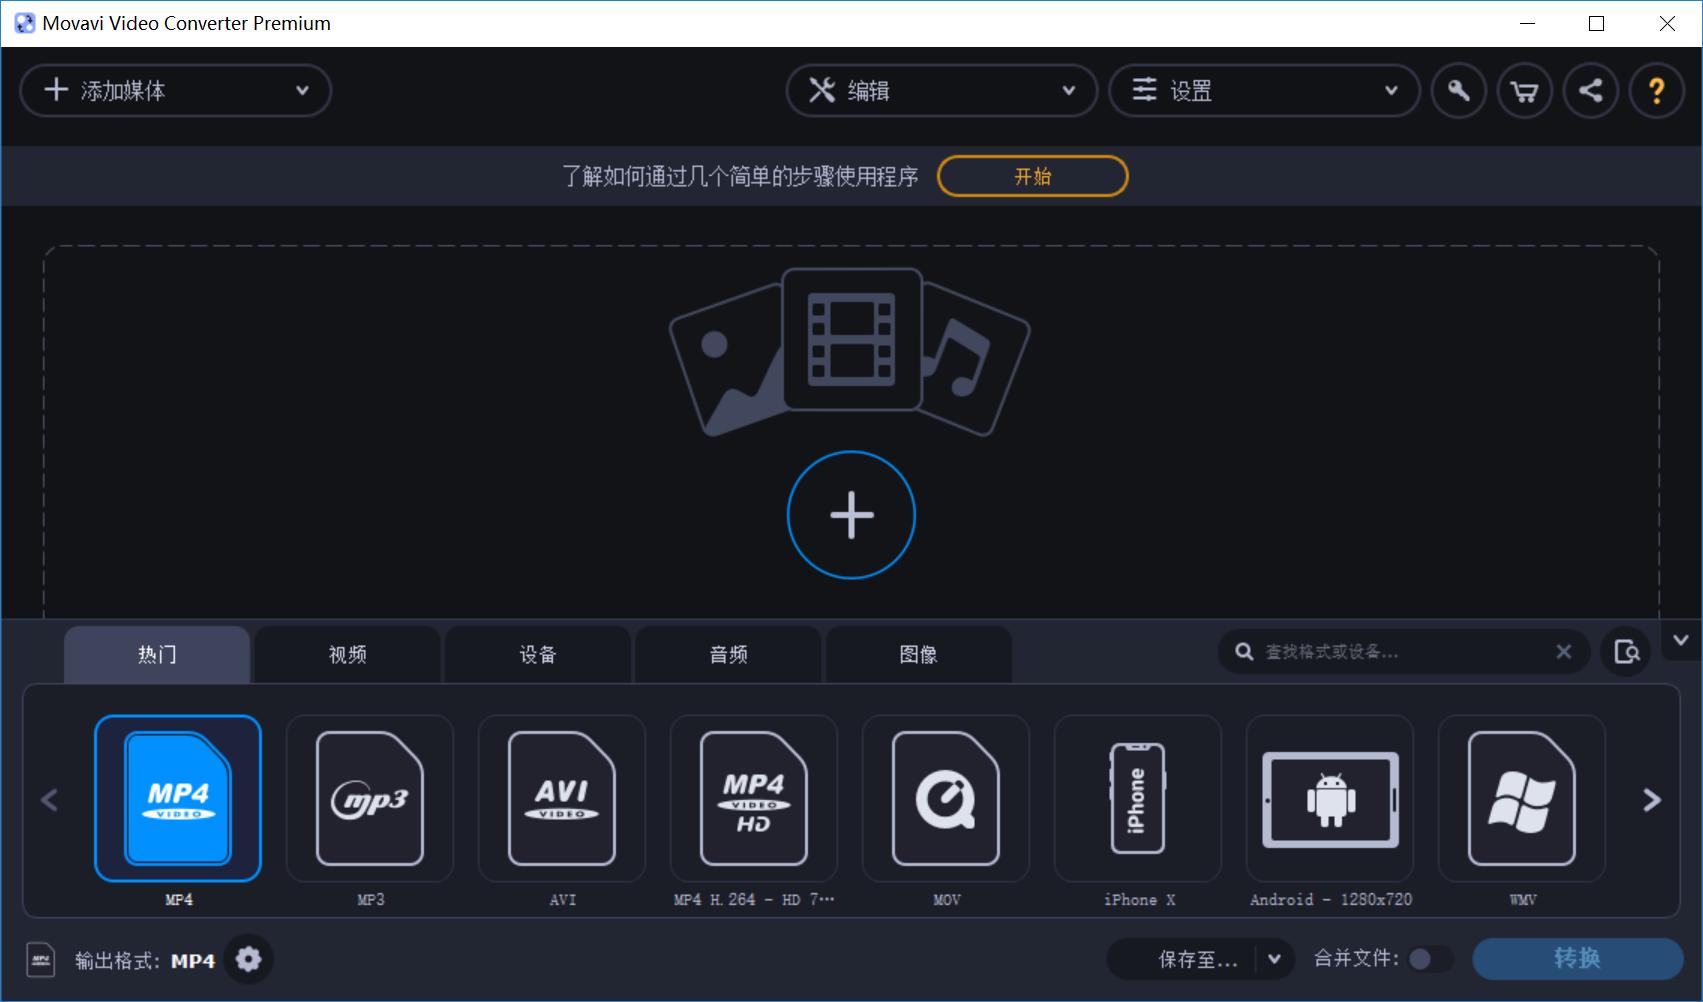 视频转换软件 Movavi Video Converter v21.0.0 中文破解版(附破解补丁)